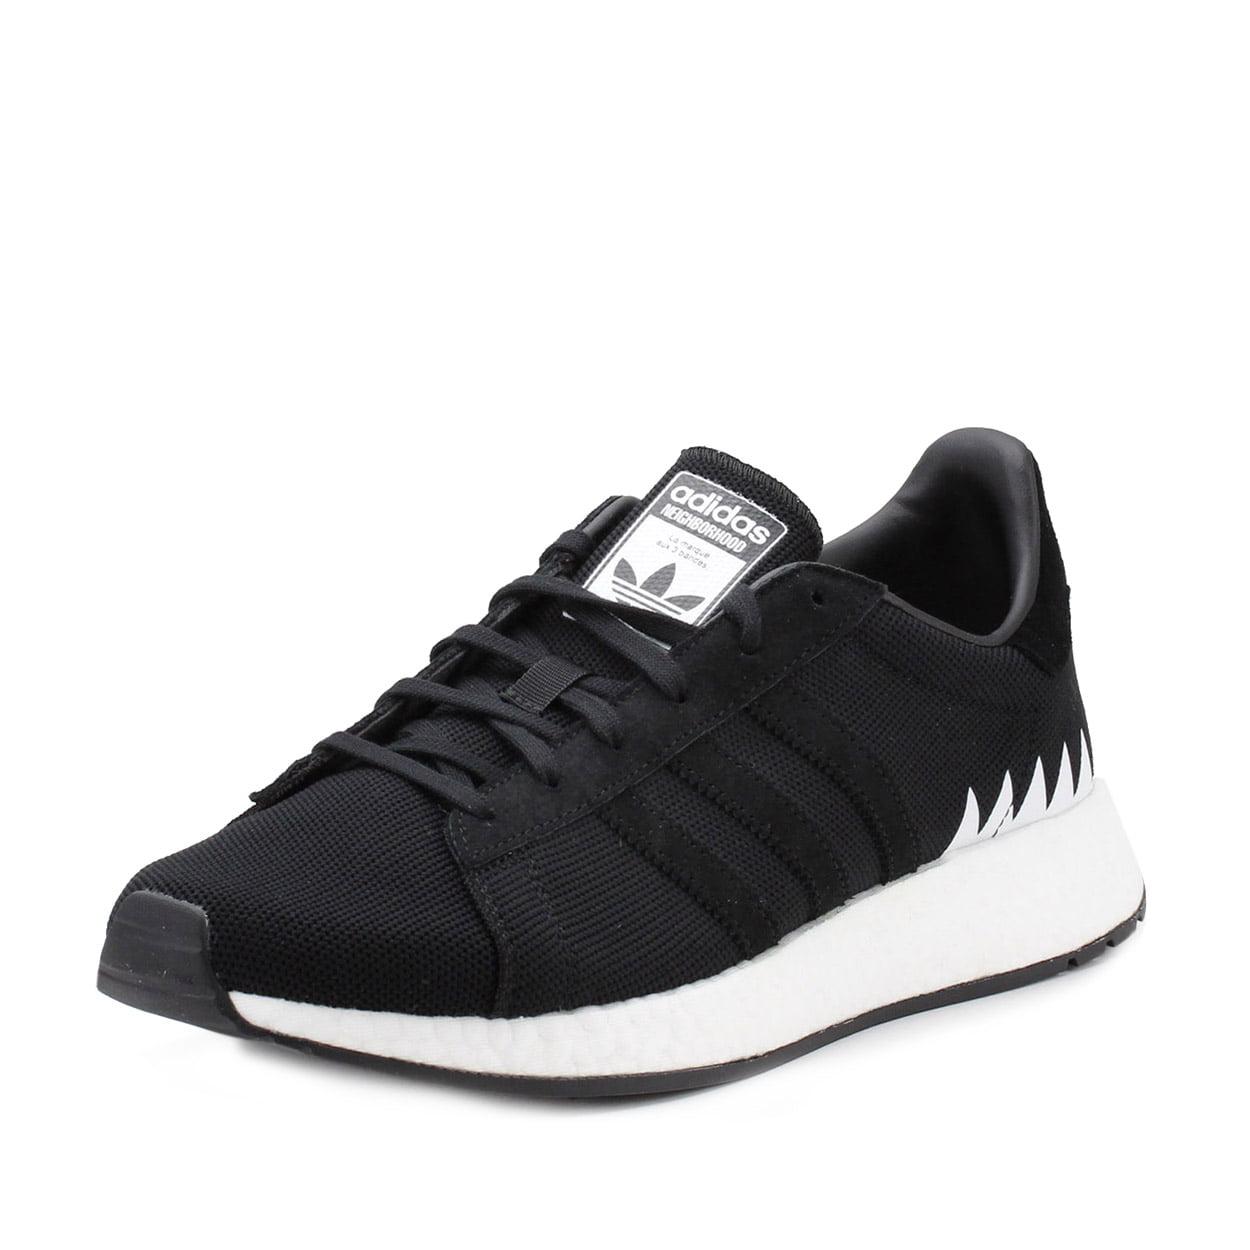 Adidas Mens Chop Shop NBHD NEIGHBORHOOD Black DA8839 by